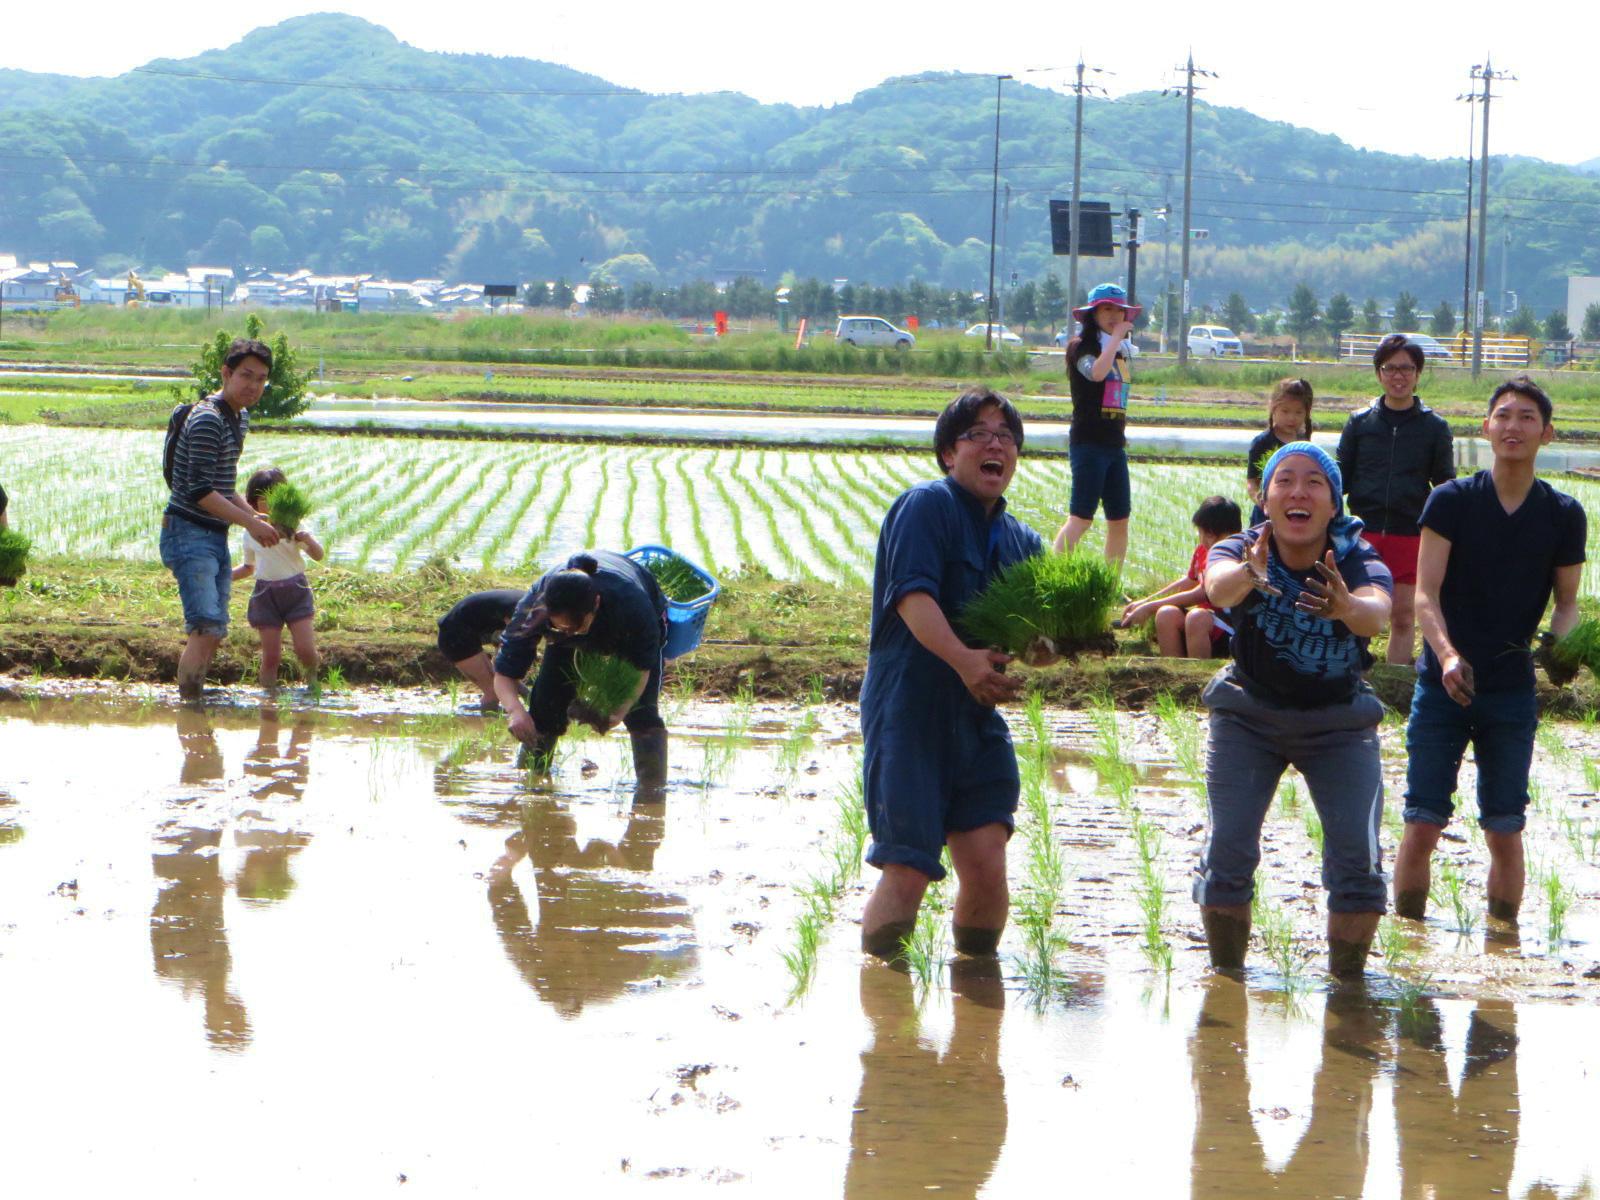 http://www.kaiho.co.jp/jp/news/img/20140524-11.jpg